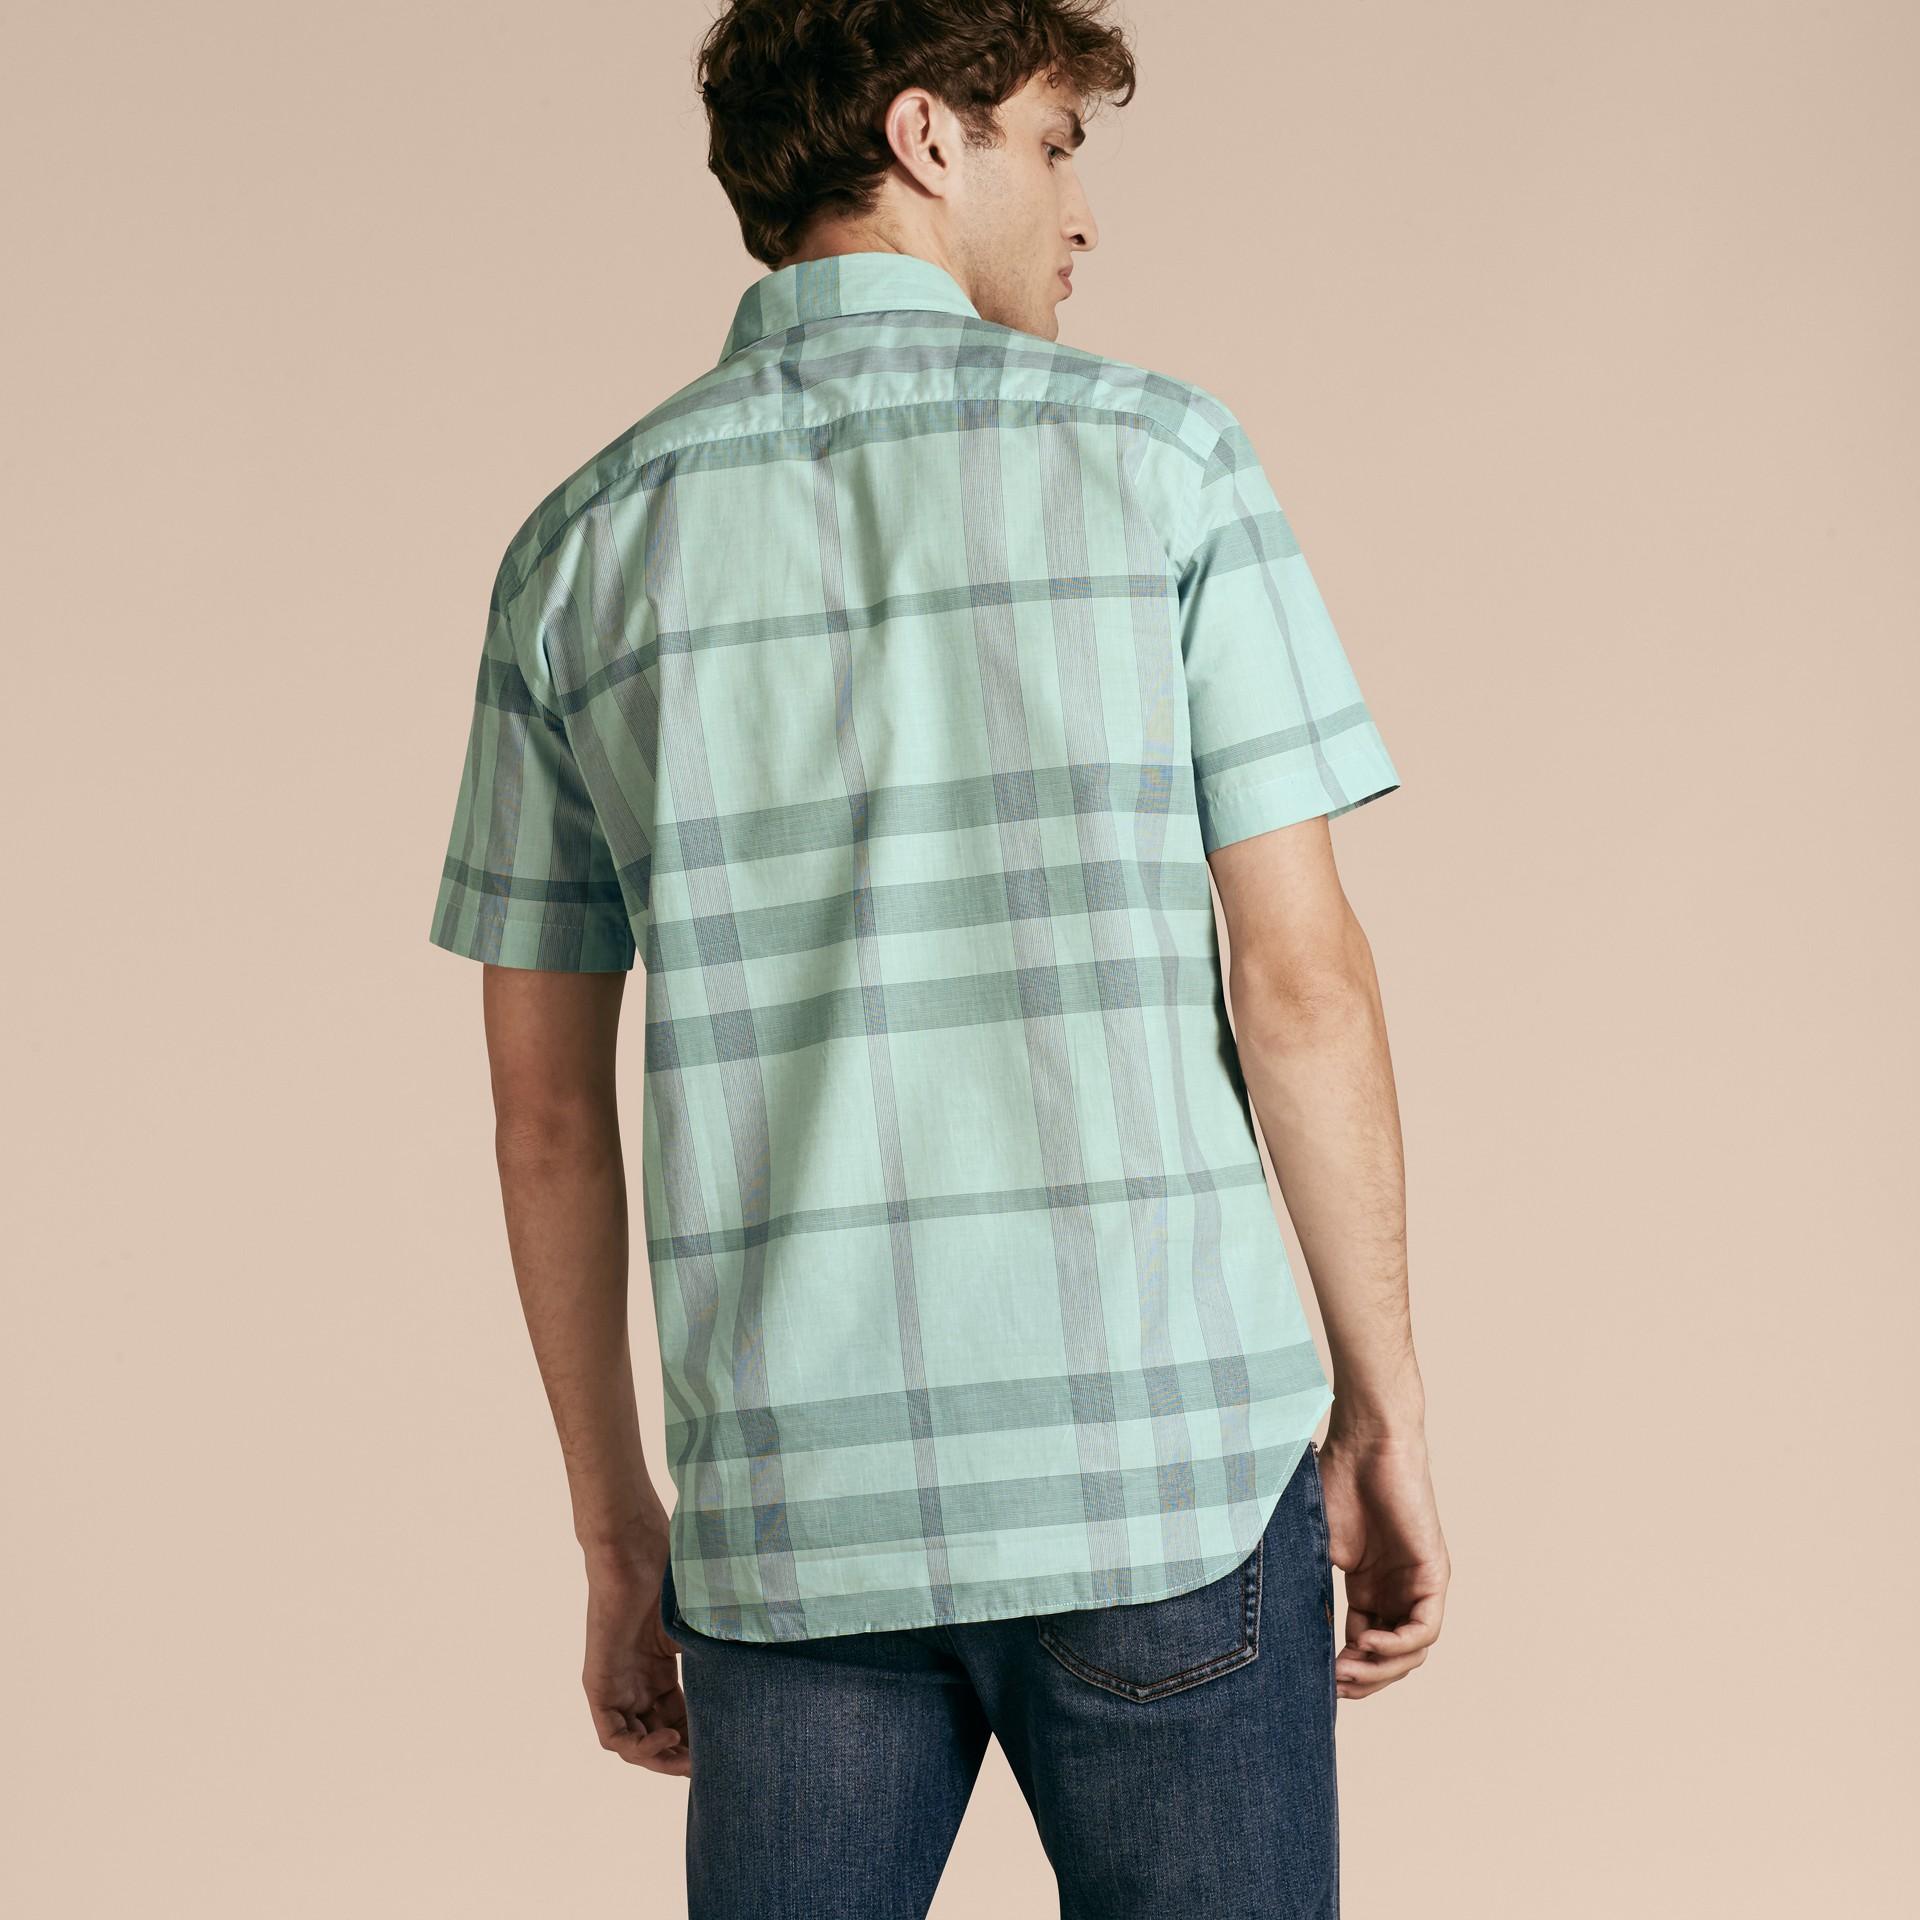 유칼립투스 그린 쇼트 슬리브 체크 코튼 셔츠 유칼립투스 그린 - 갤러리 이미지 3